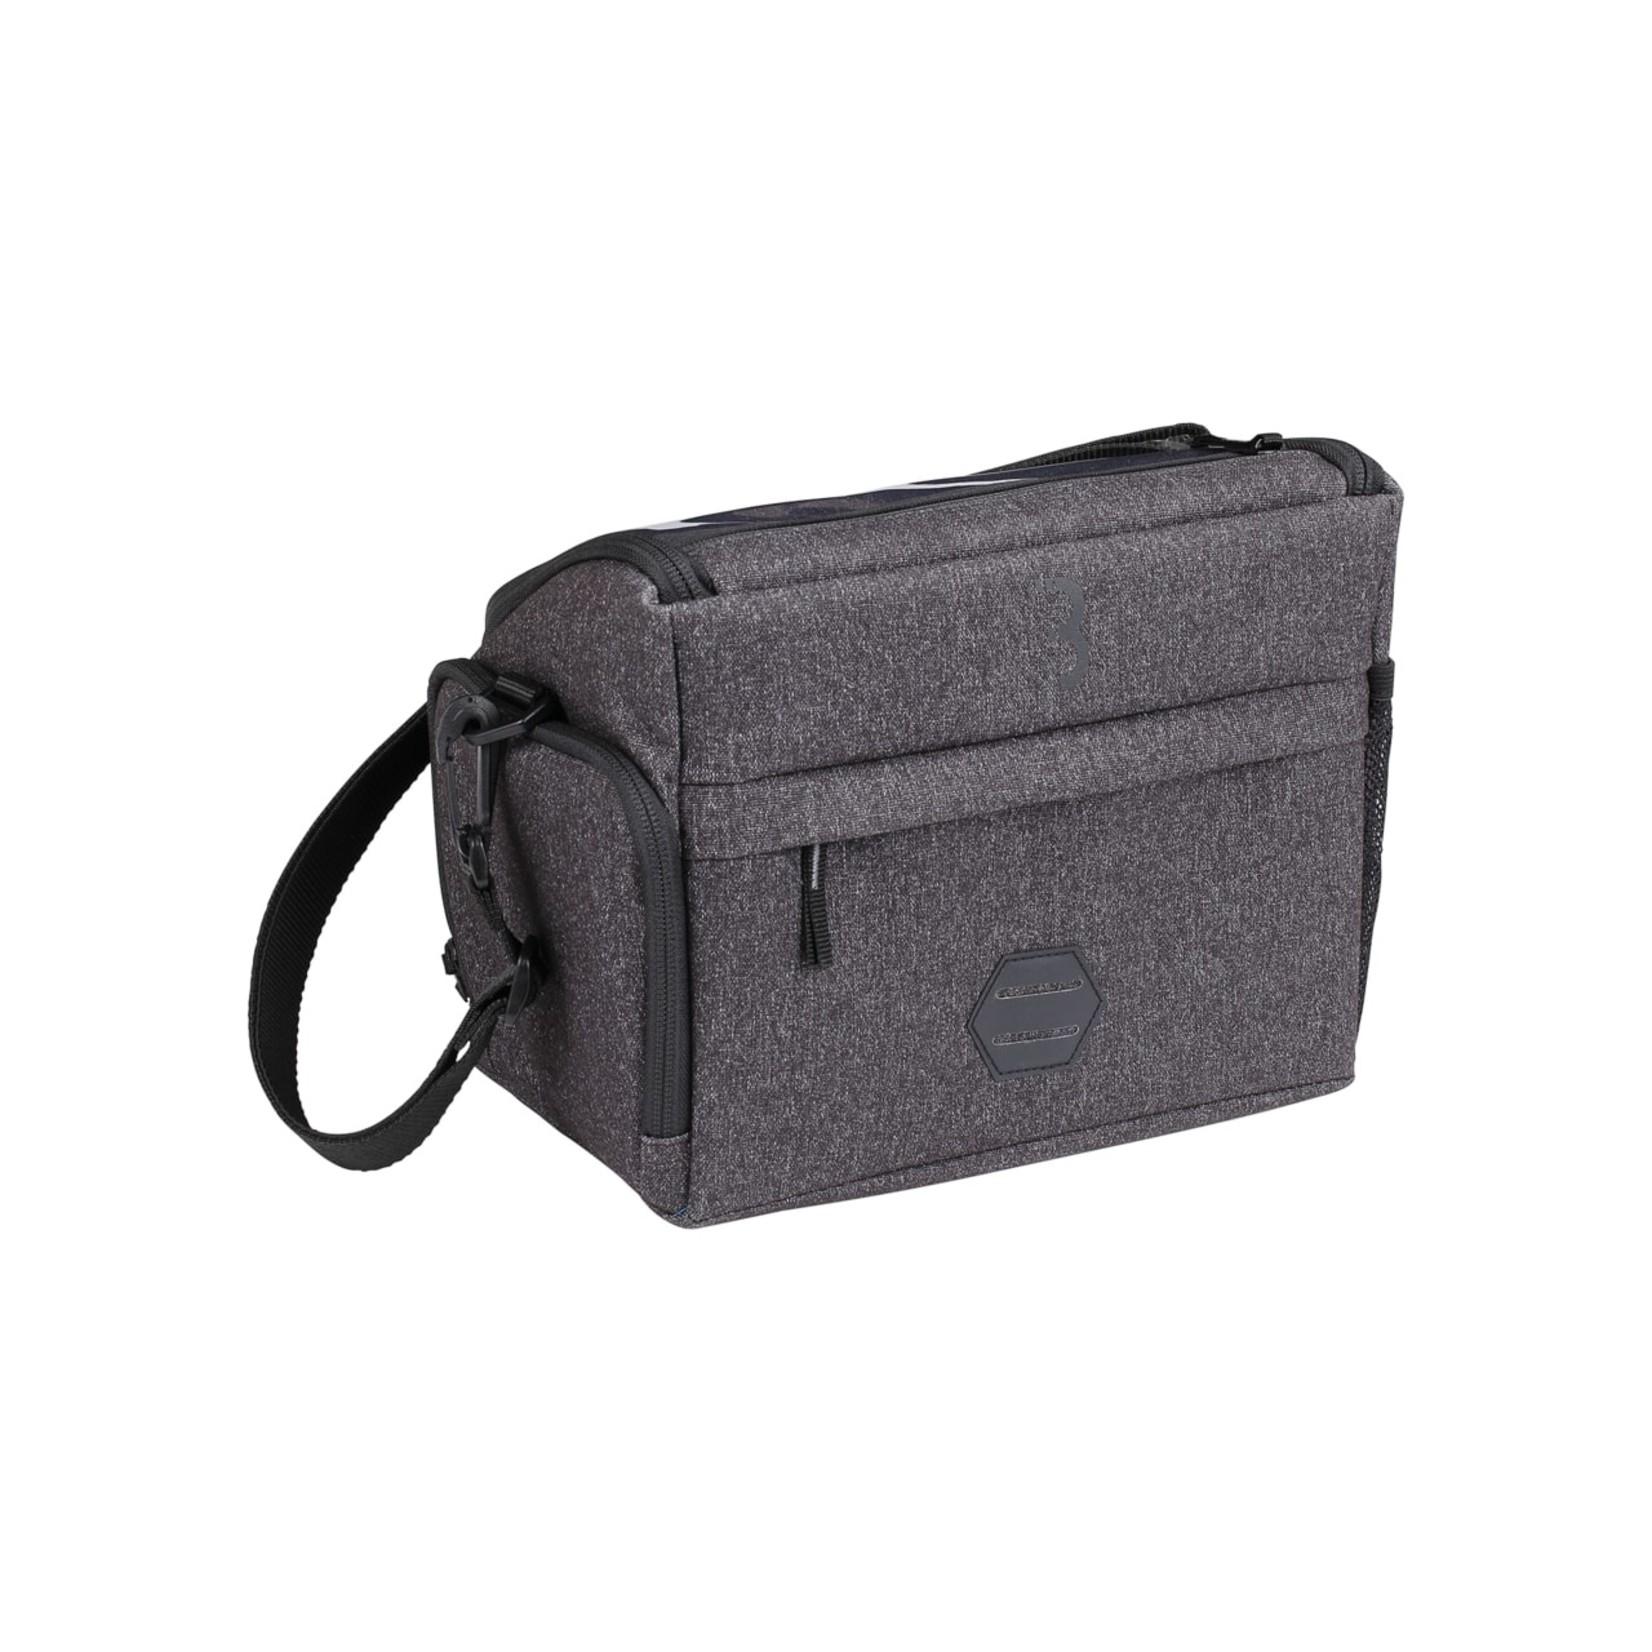 BBB BBB Frontpack Handlebar Bag